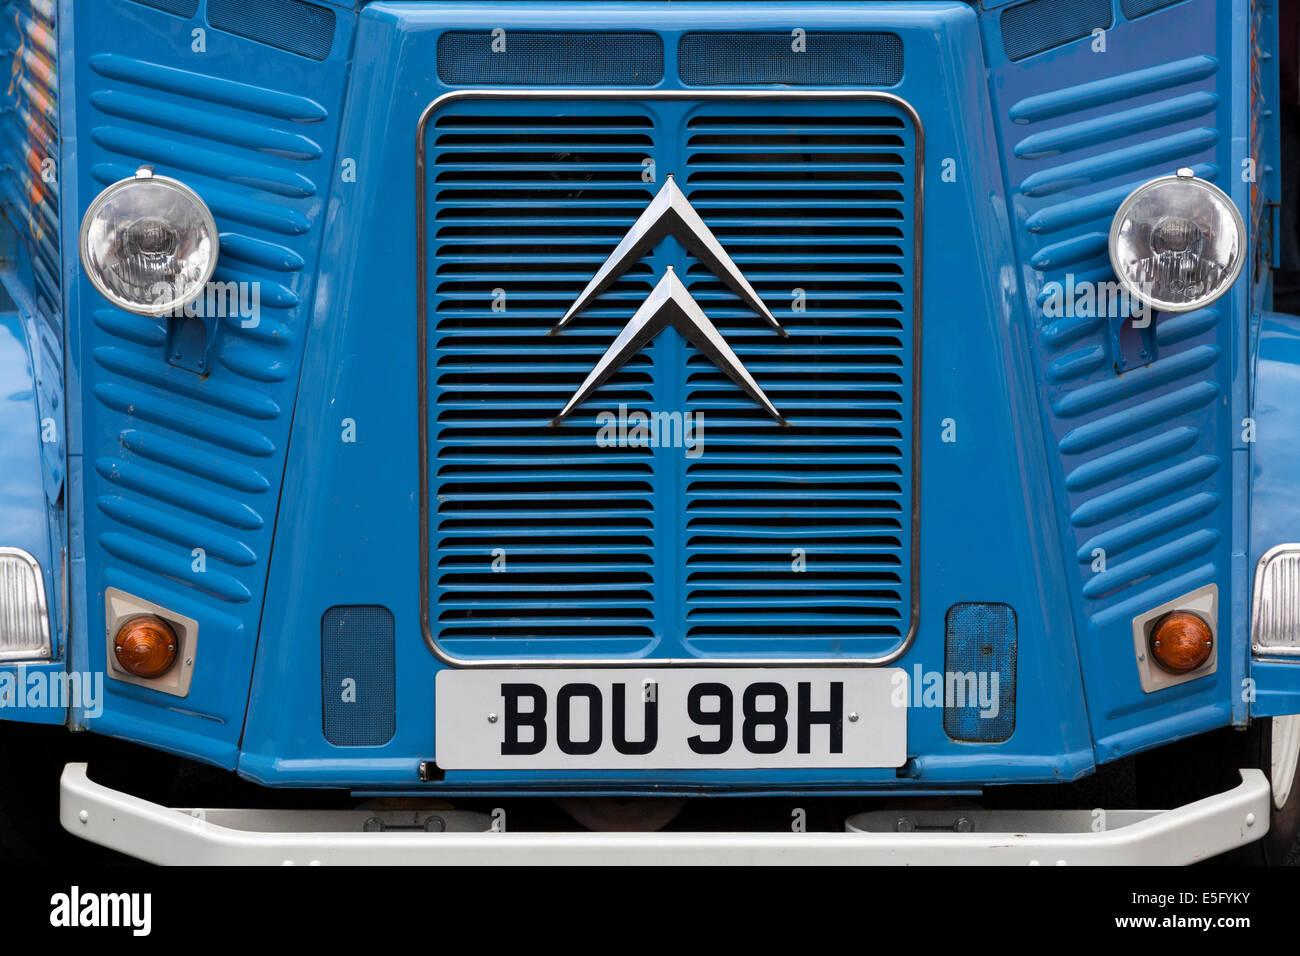 Parrilla frontal y faros de 1971 Citroën H van. Este es un modelo de edición limitada que se ha convertido ahora en un artículo de coleccionistas Foto de stock